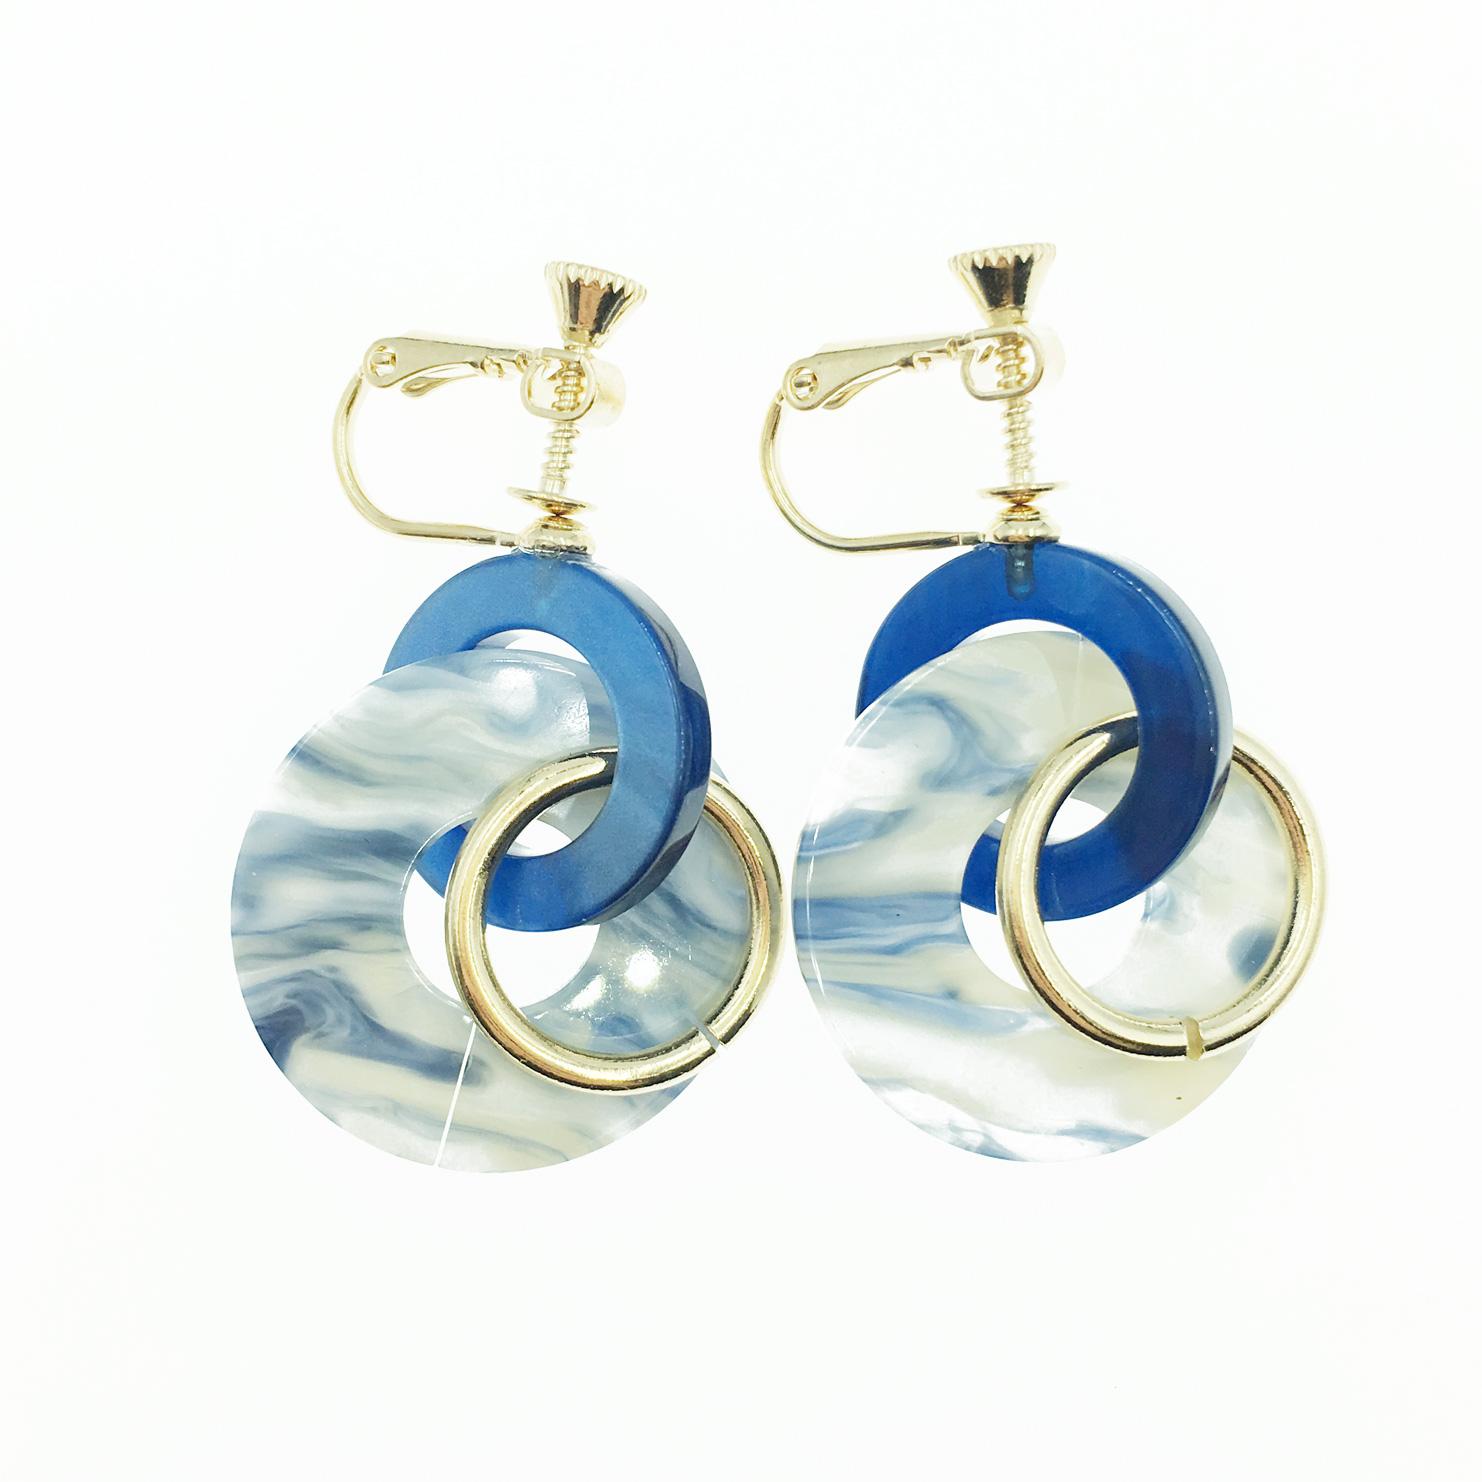 韓國 簍空圈圈 圓圈 大理石 垂墜感 夾式耳環